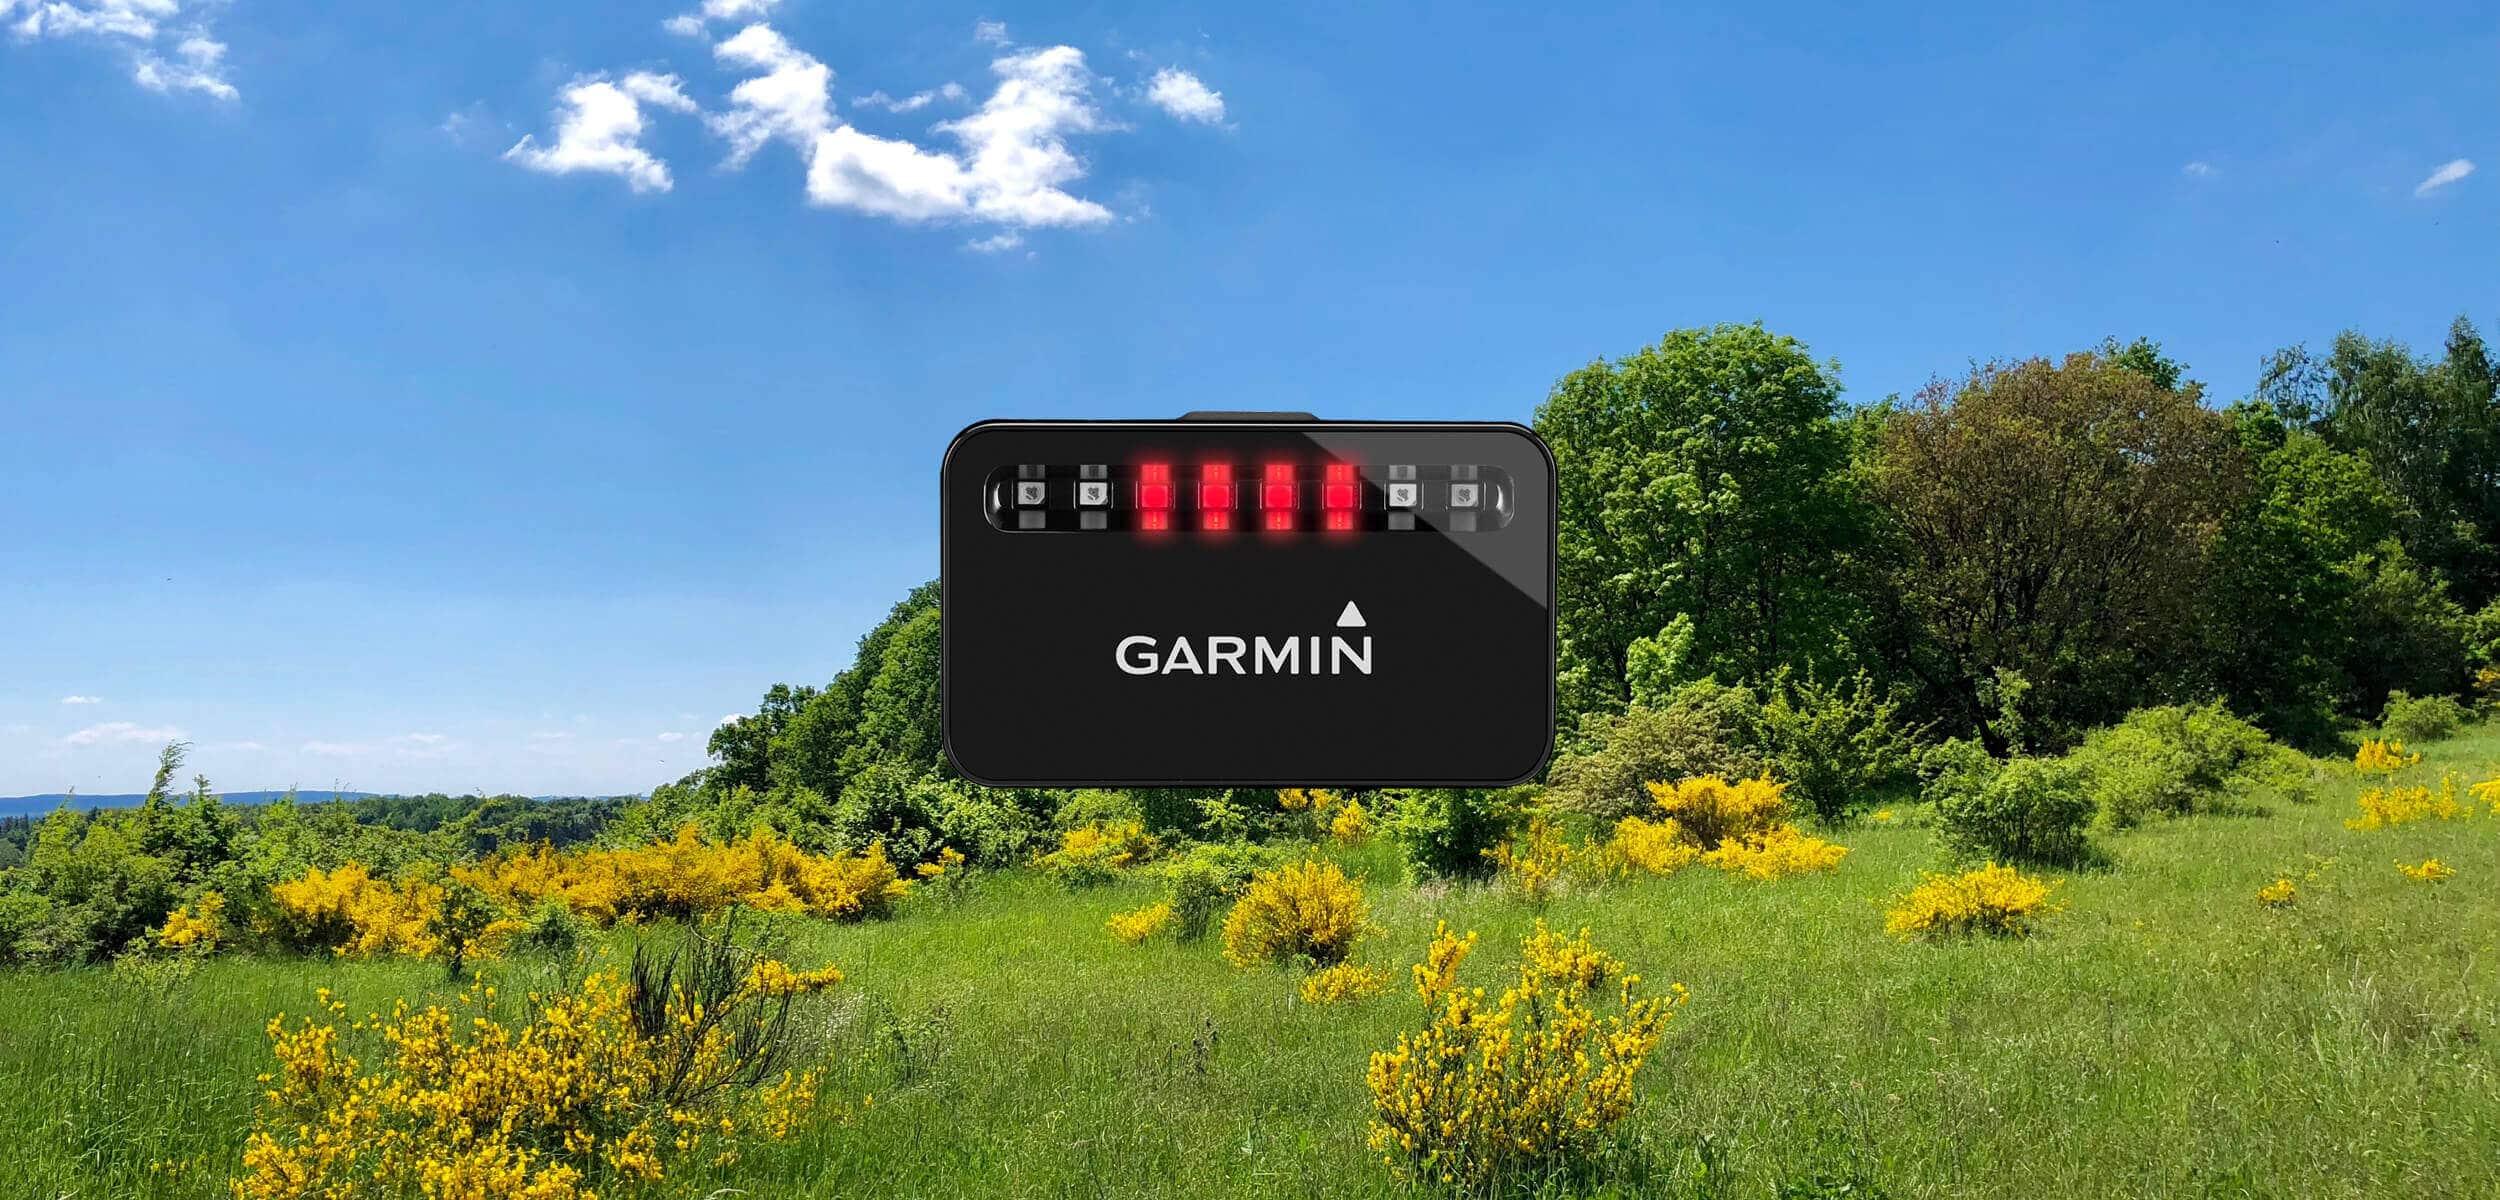 Garmin Varia Fahrrad-Radar - meine Erfahrungen